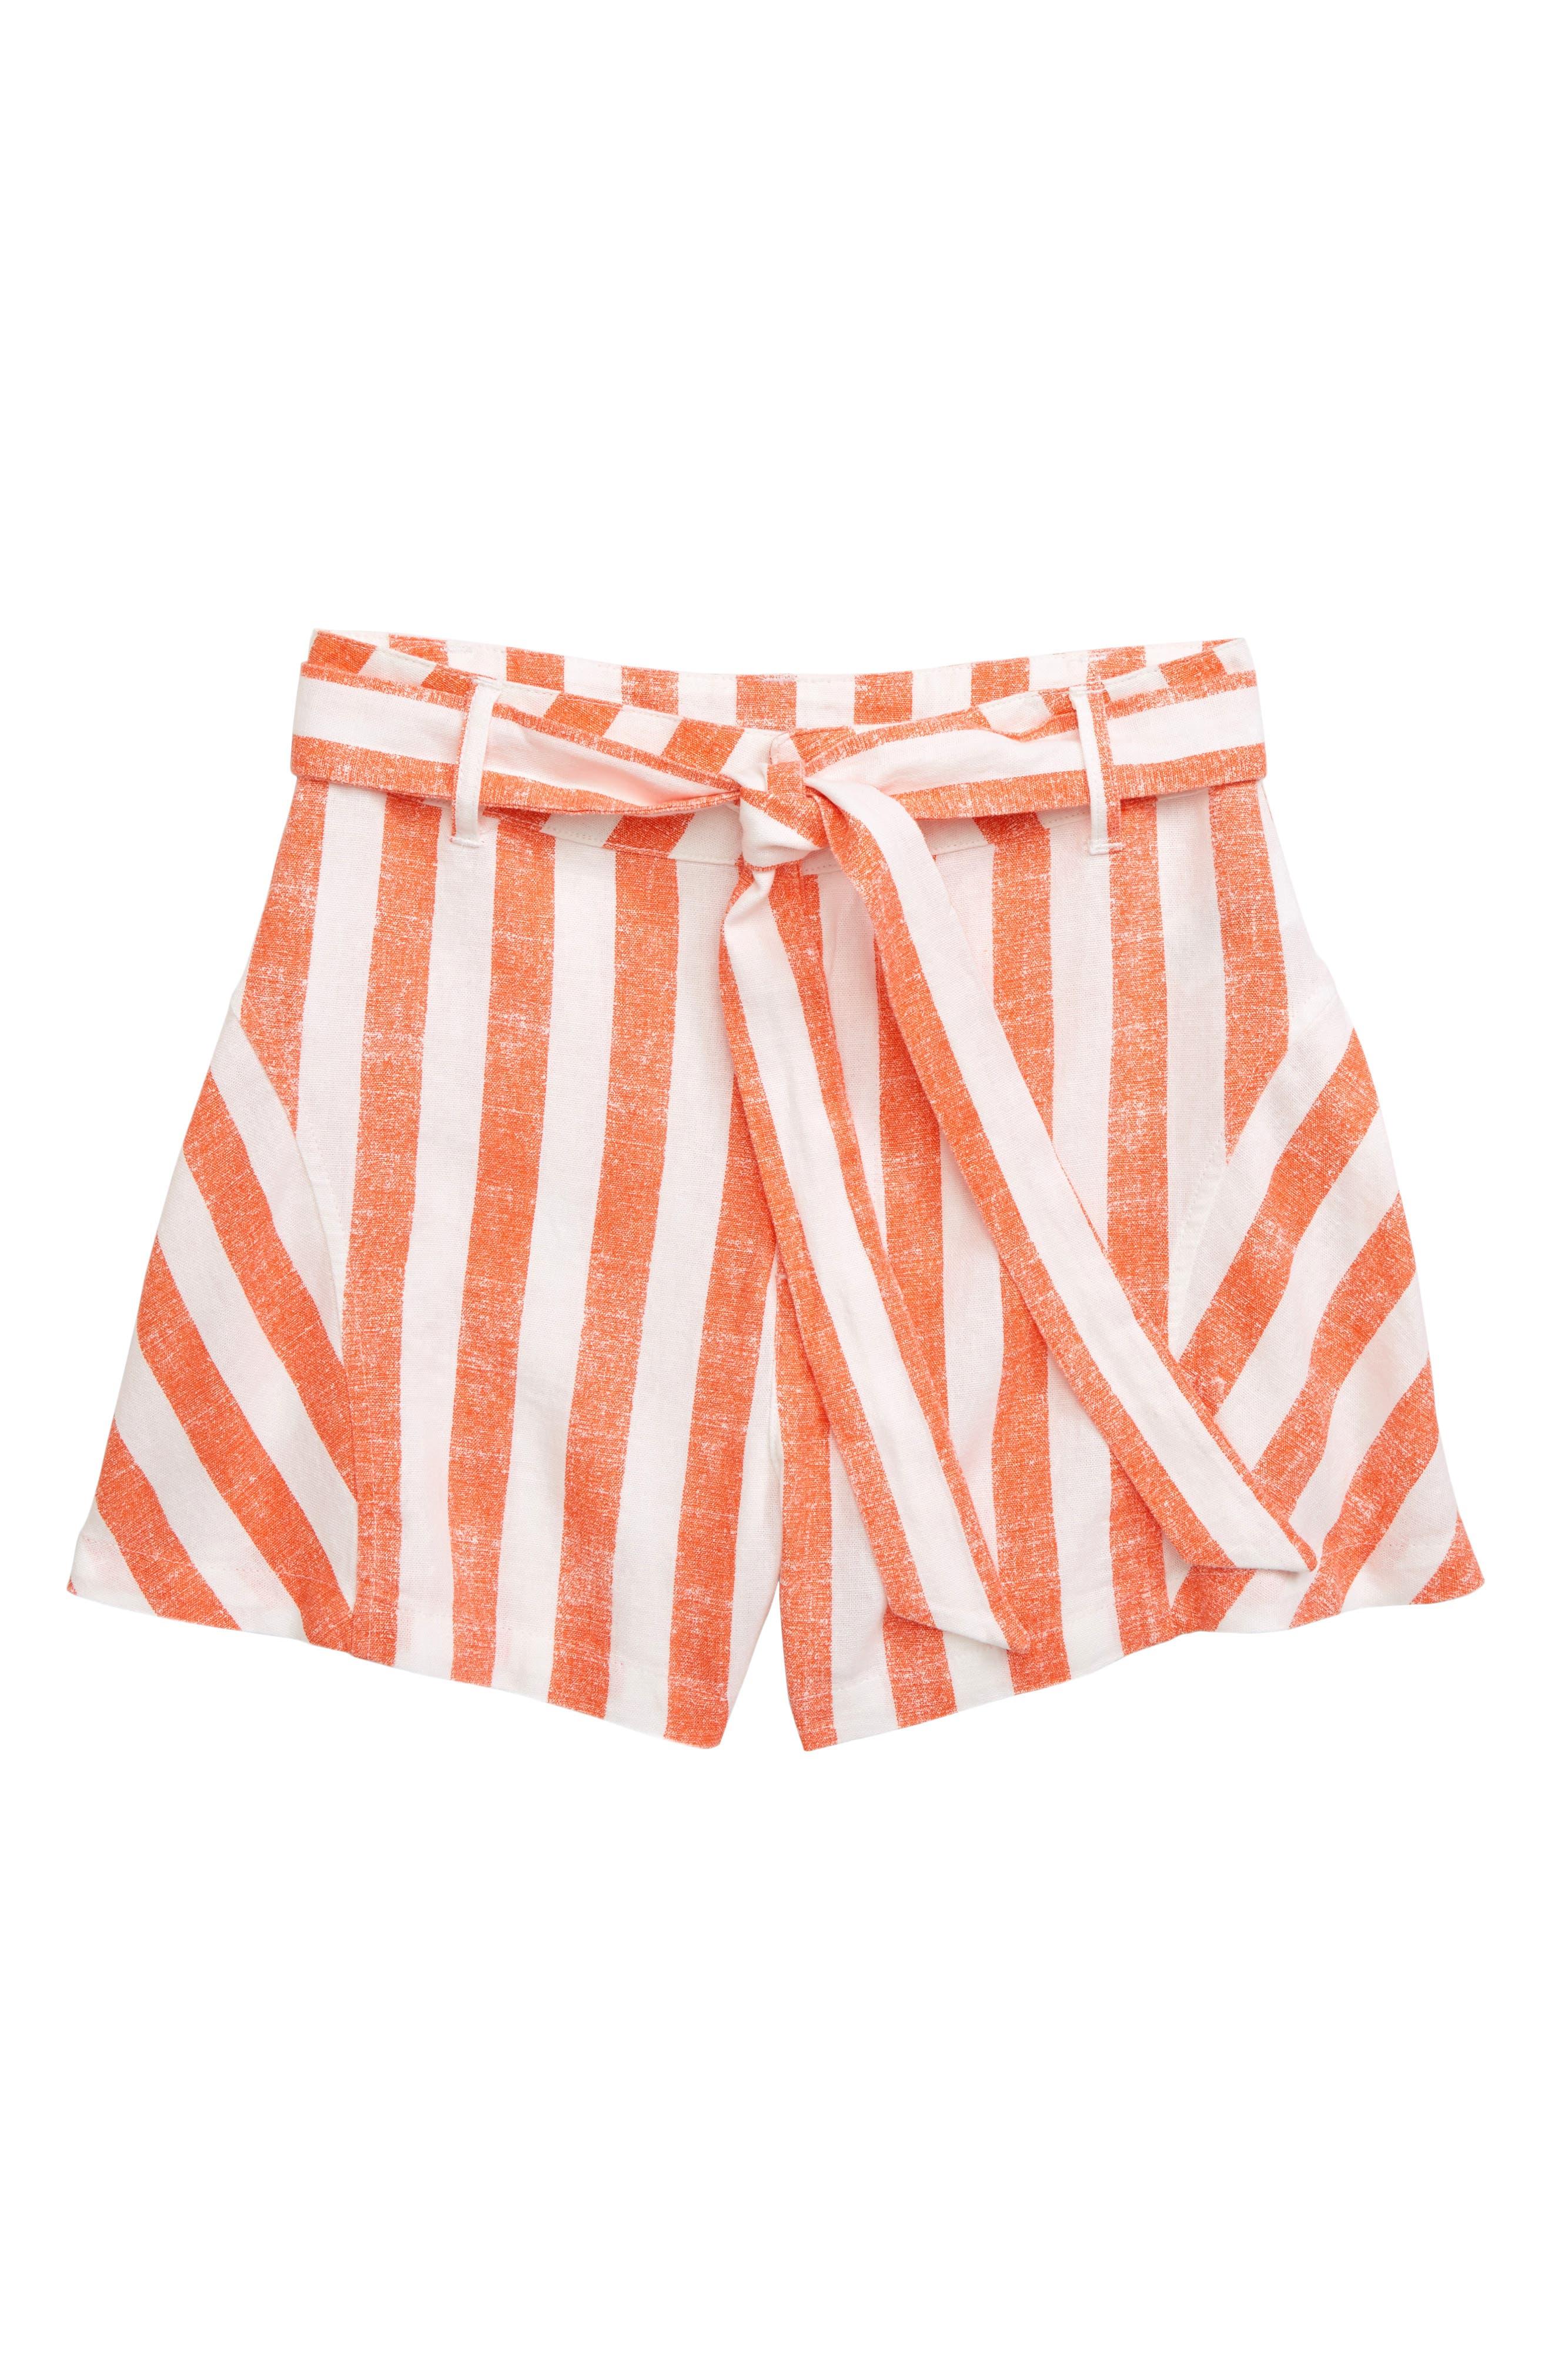 Girls Habitual Tegan Stripe Shorts Size 12  Orange